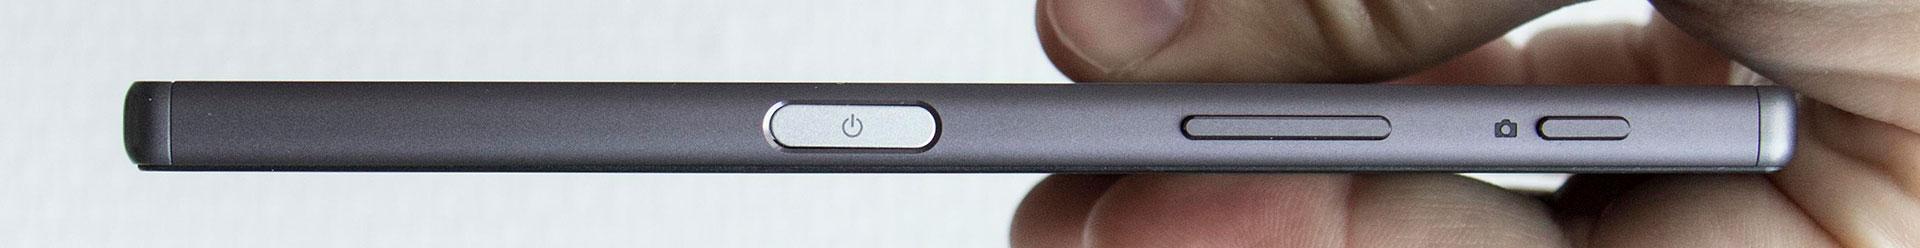 Sony-Xperia-Z5-Vingerafdruk